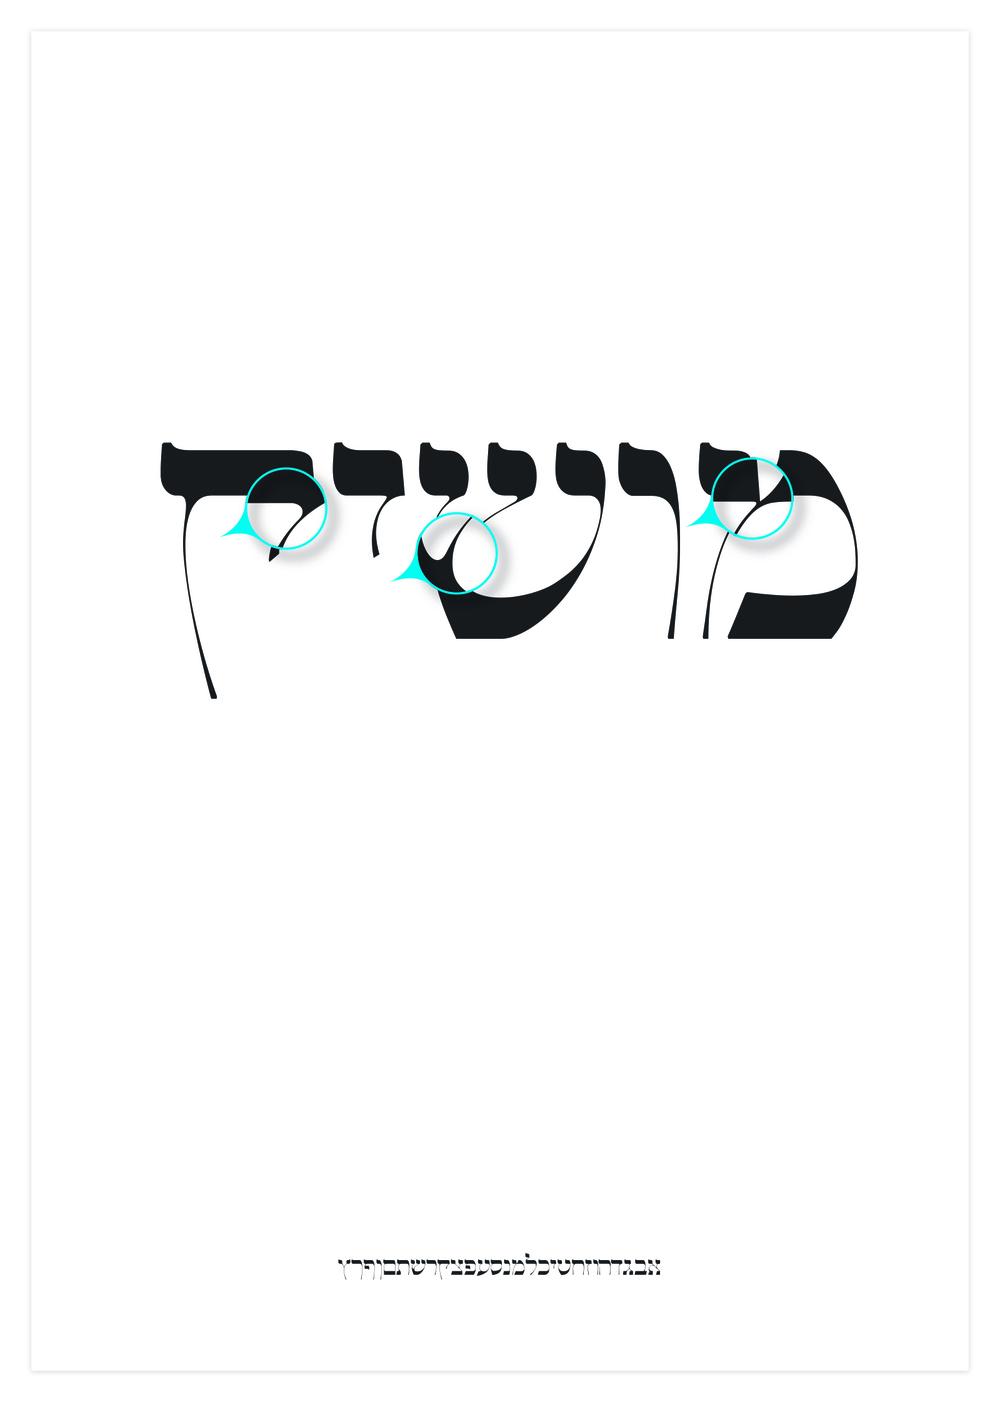 Poster-Hebrew-Typeface-Moshik-Nadav-Typography